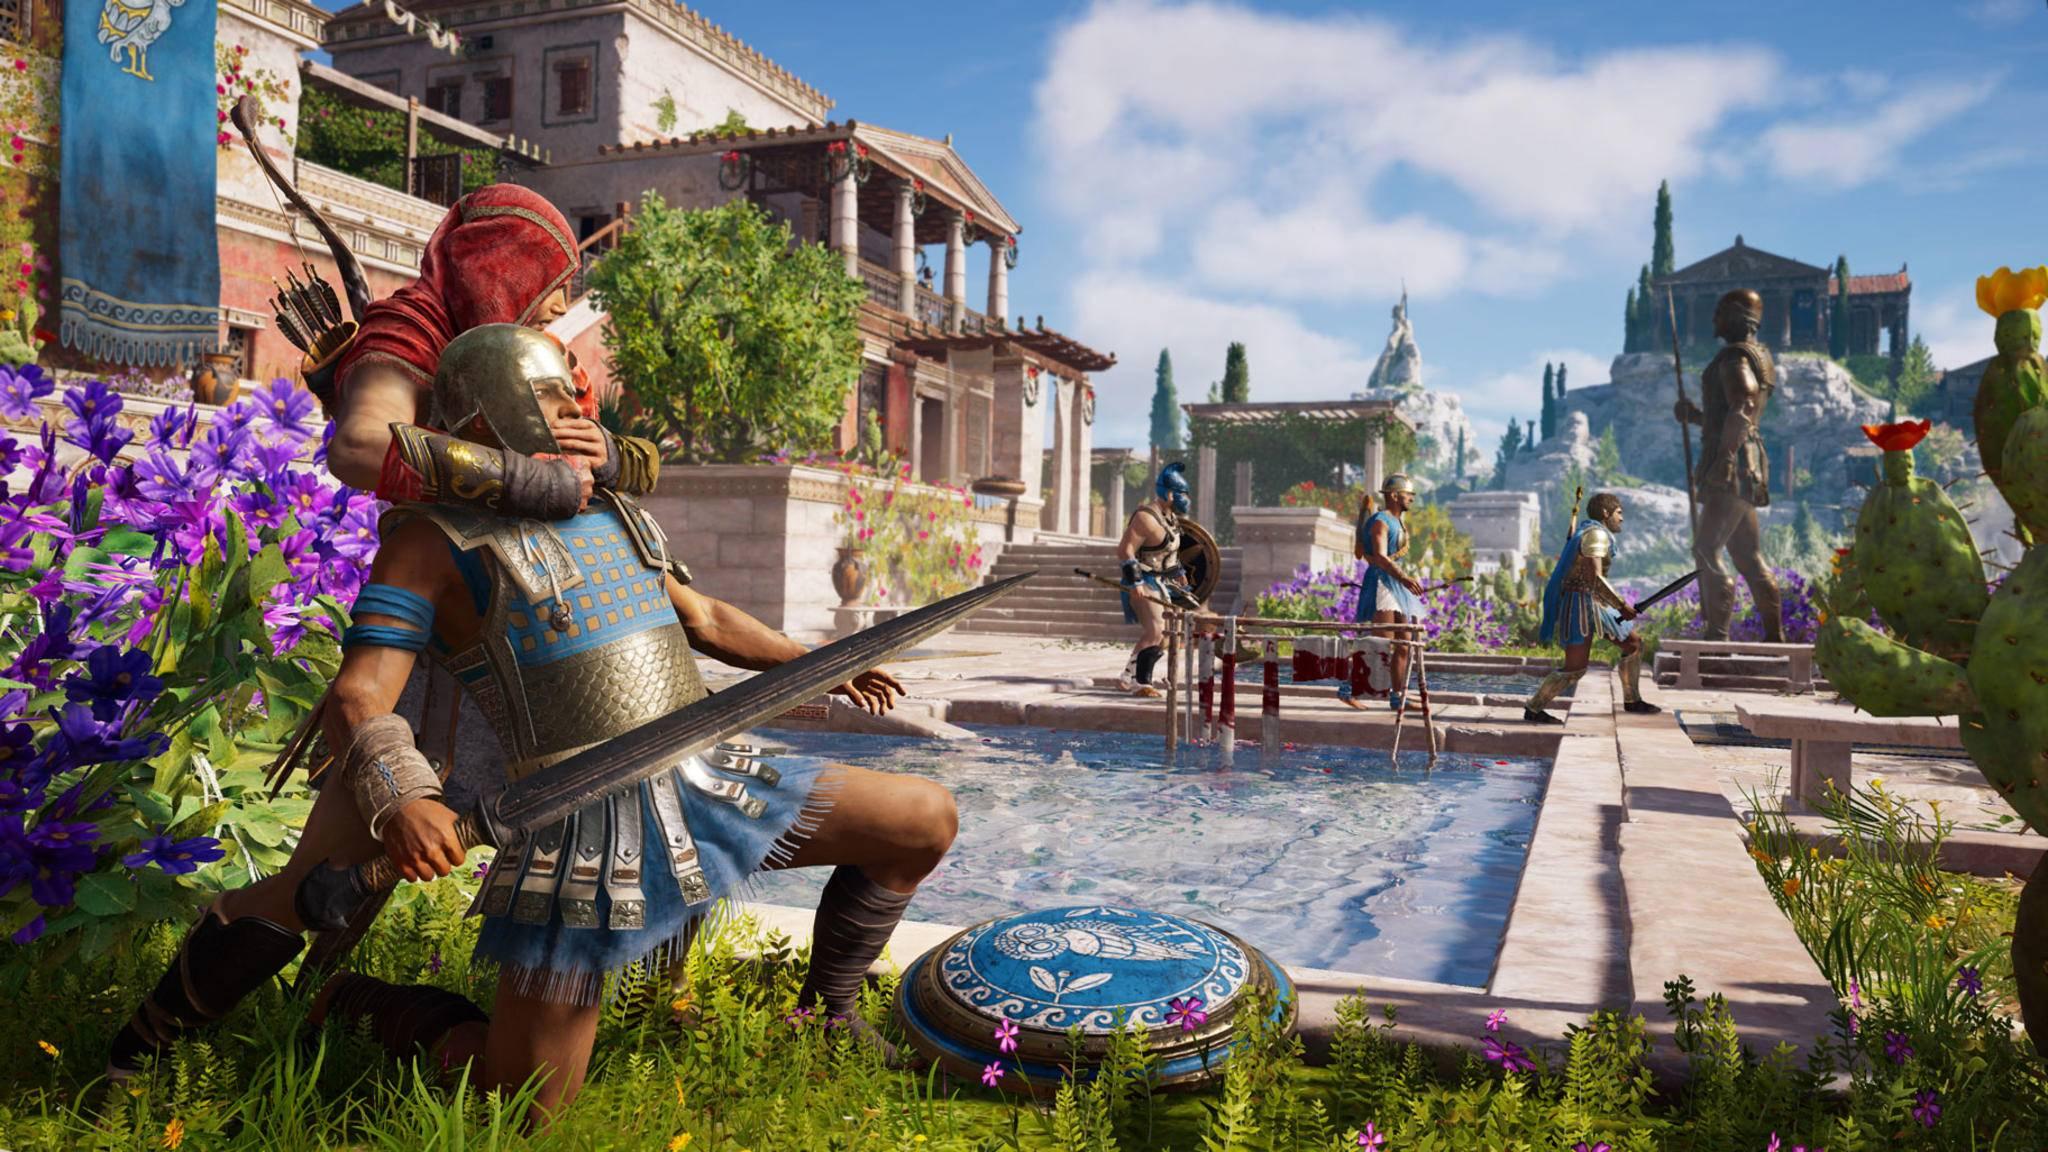 """Reist """"Assassin's Creed"""" als nächstes in die römische Antike?"""